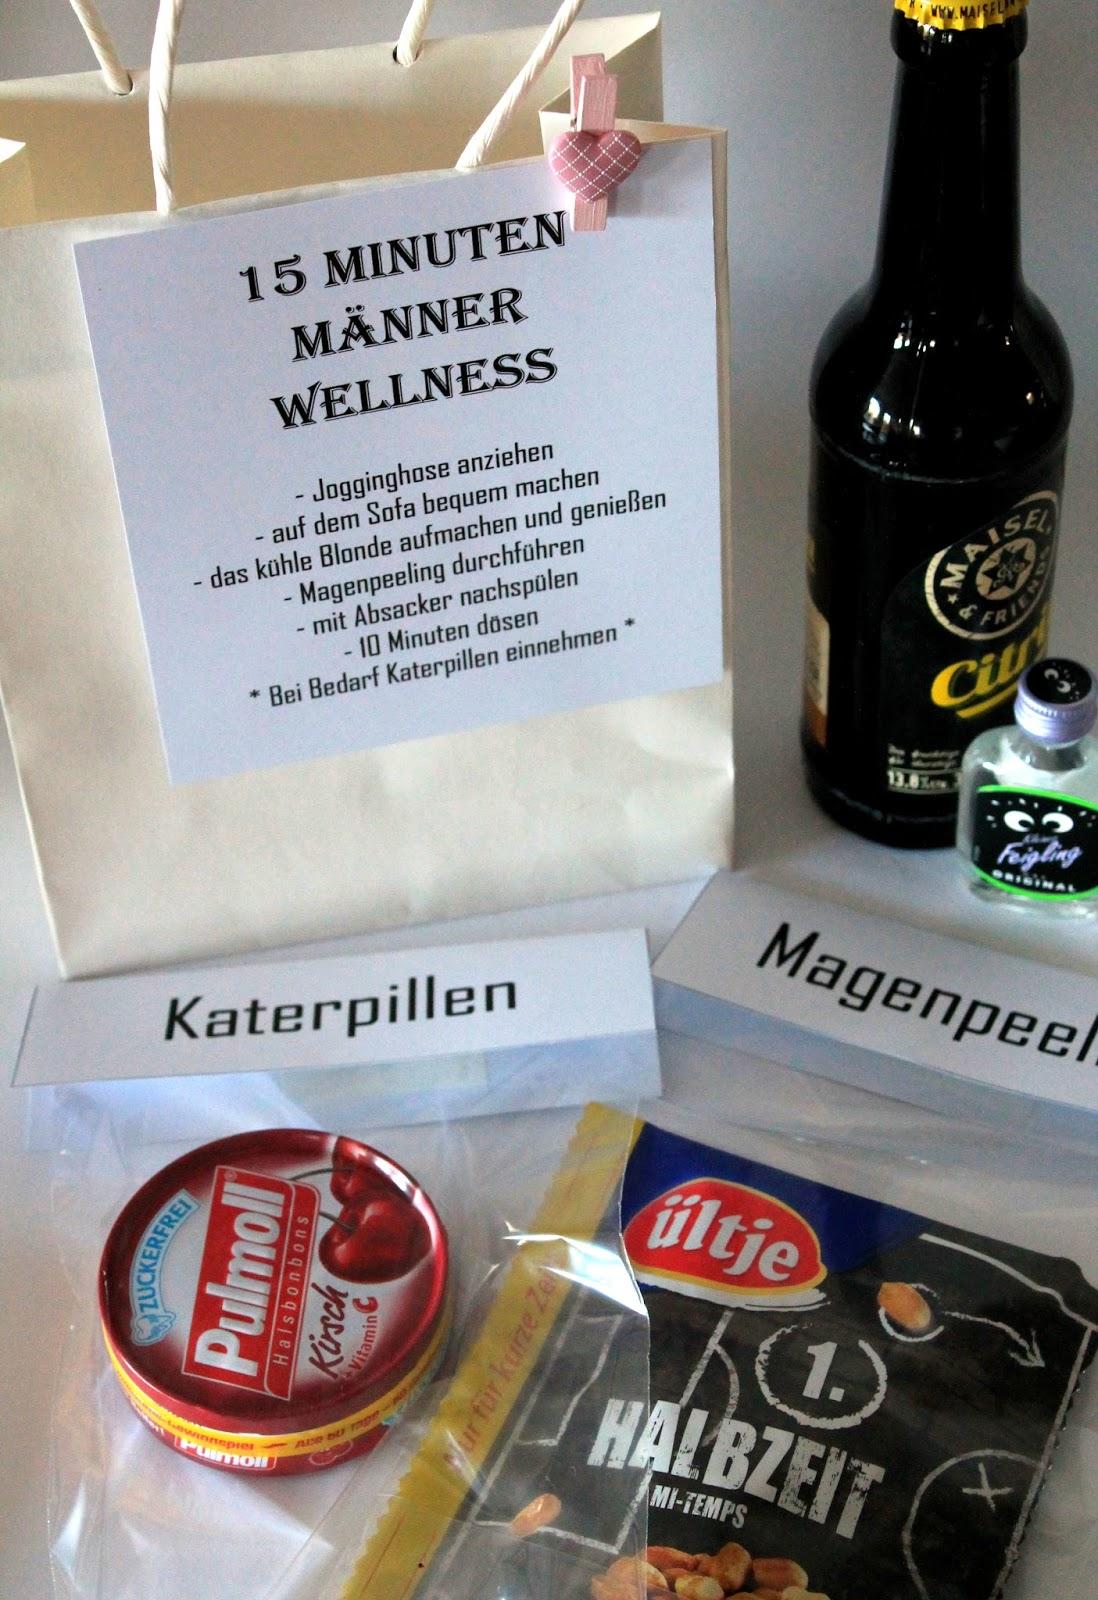 Diy 15 minuten m nner wellness diycarinchen - Pinterest weihnachtsgeschenke ...